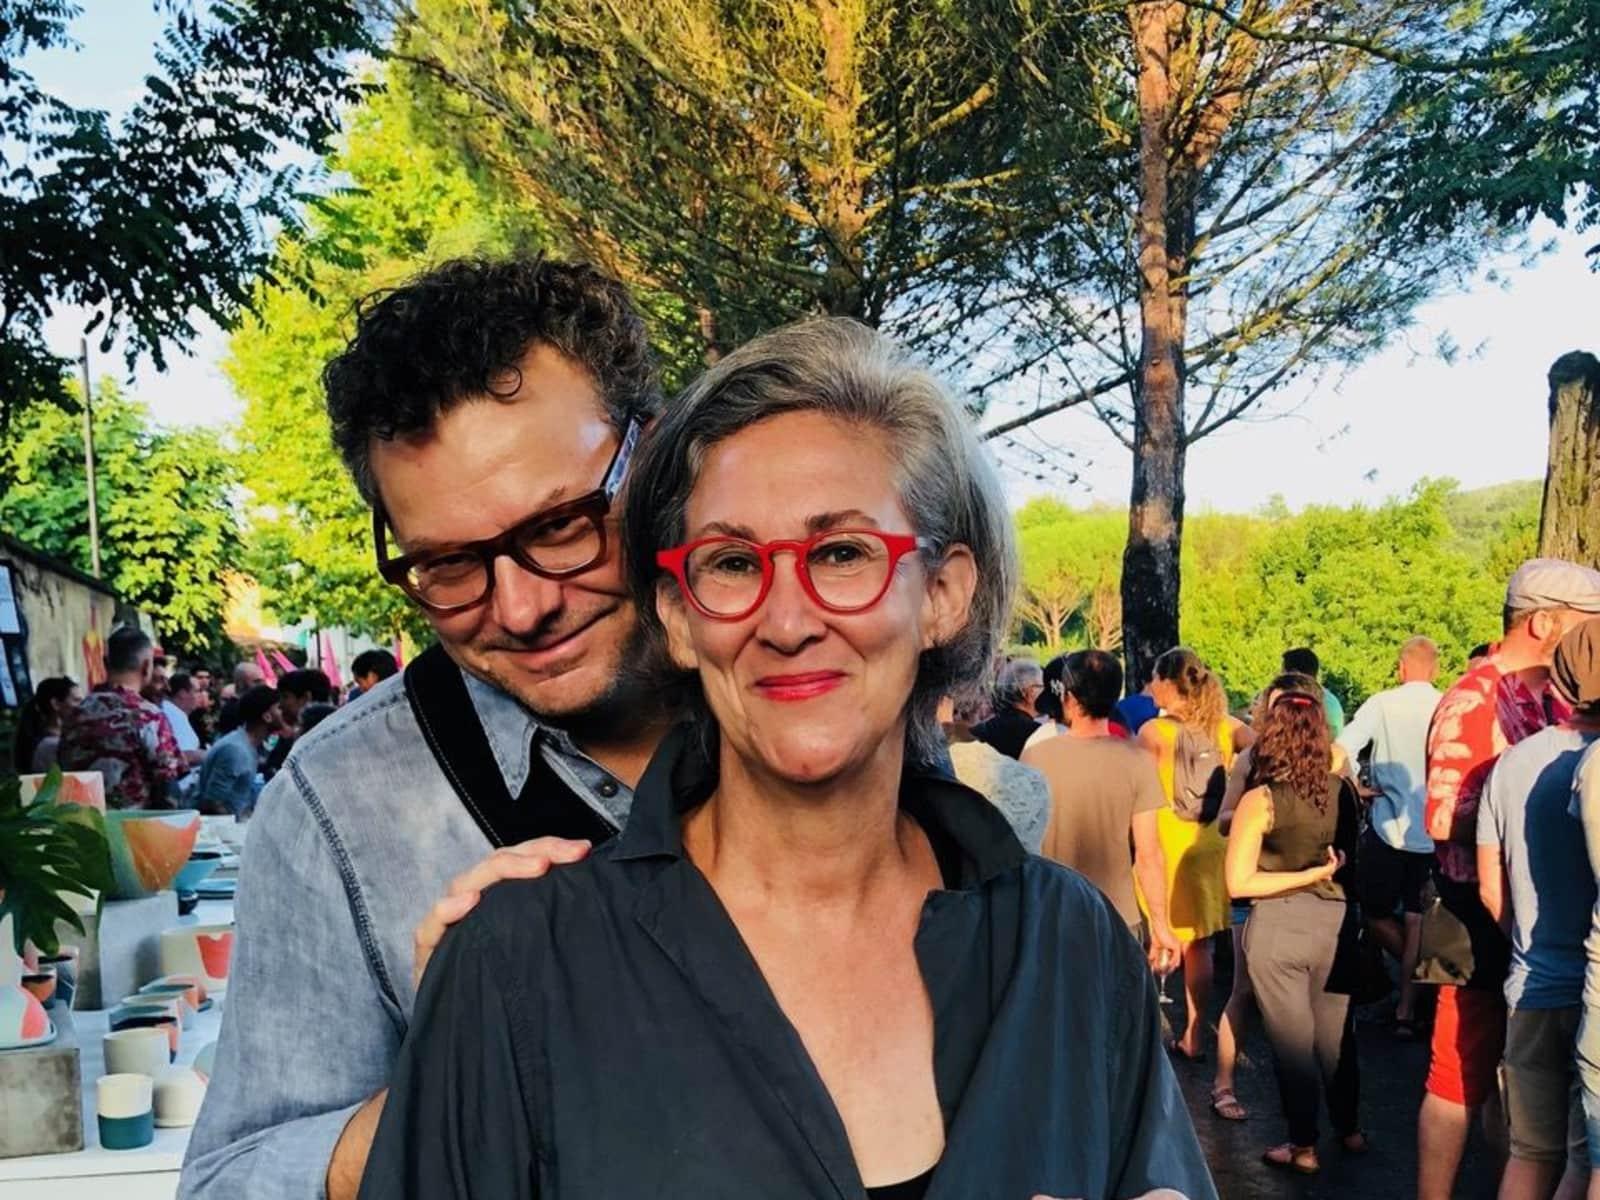 Mimi & Dan from Uzès, France